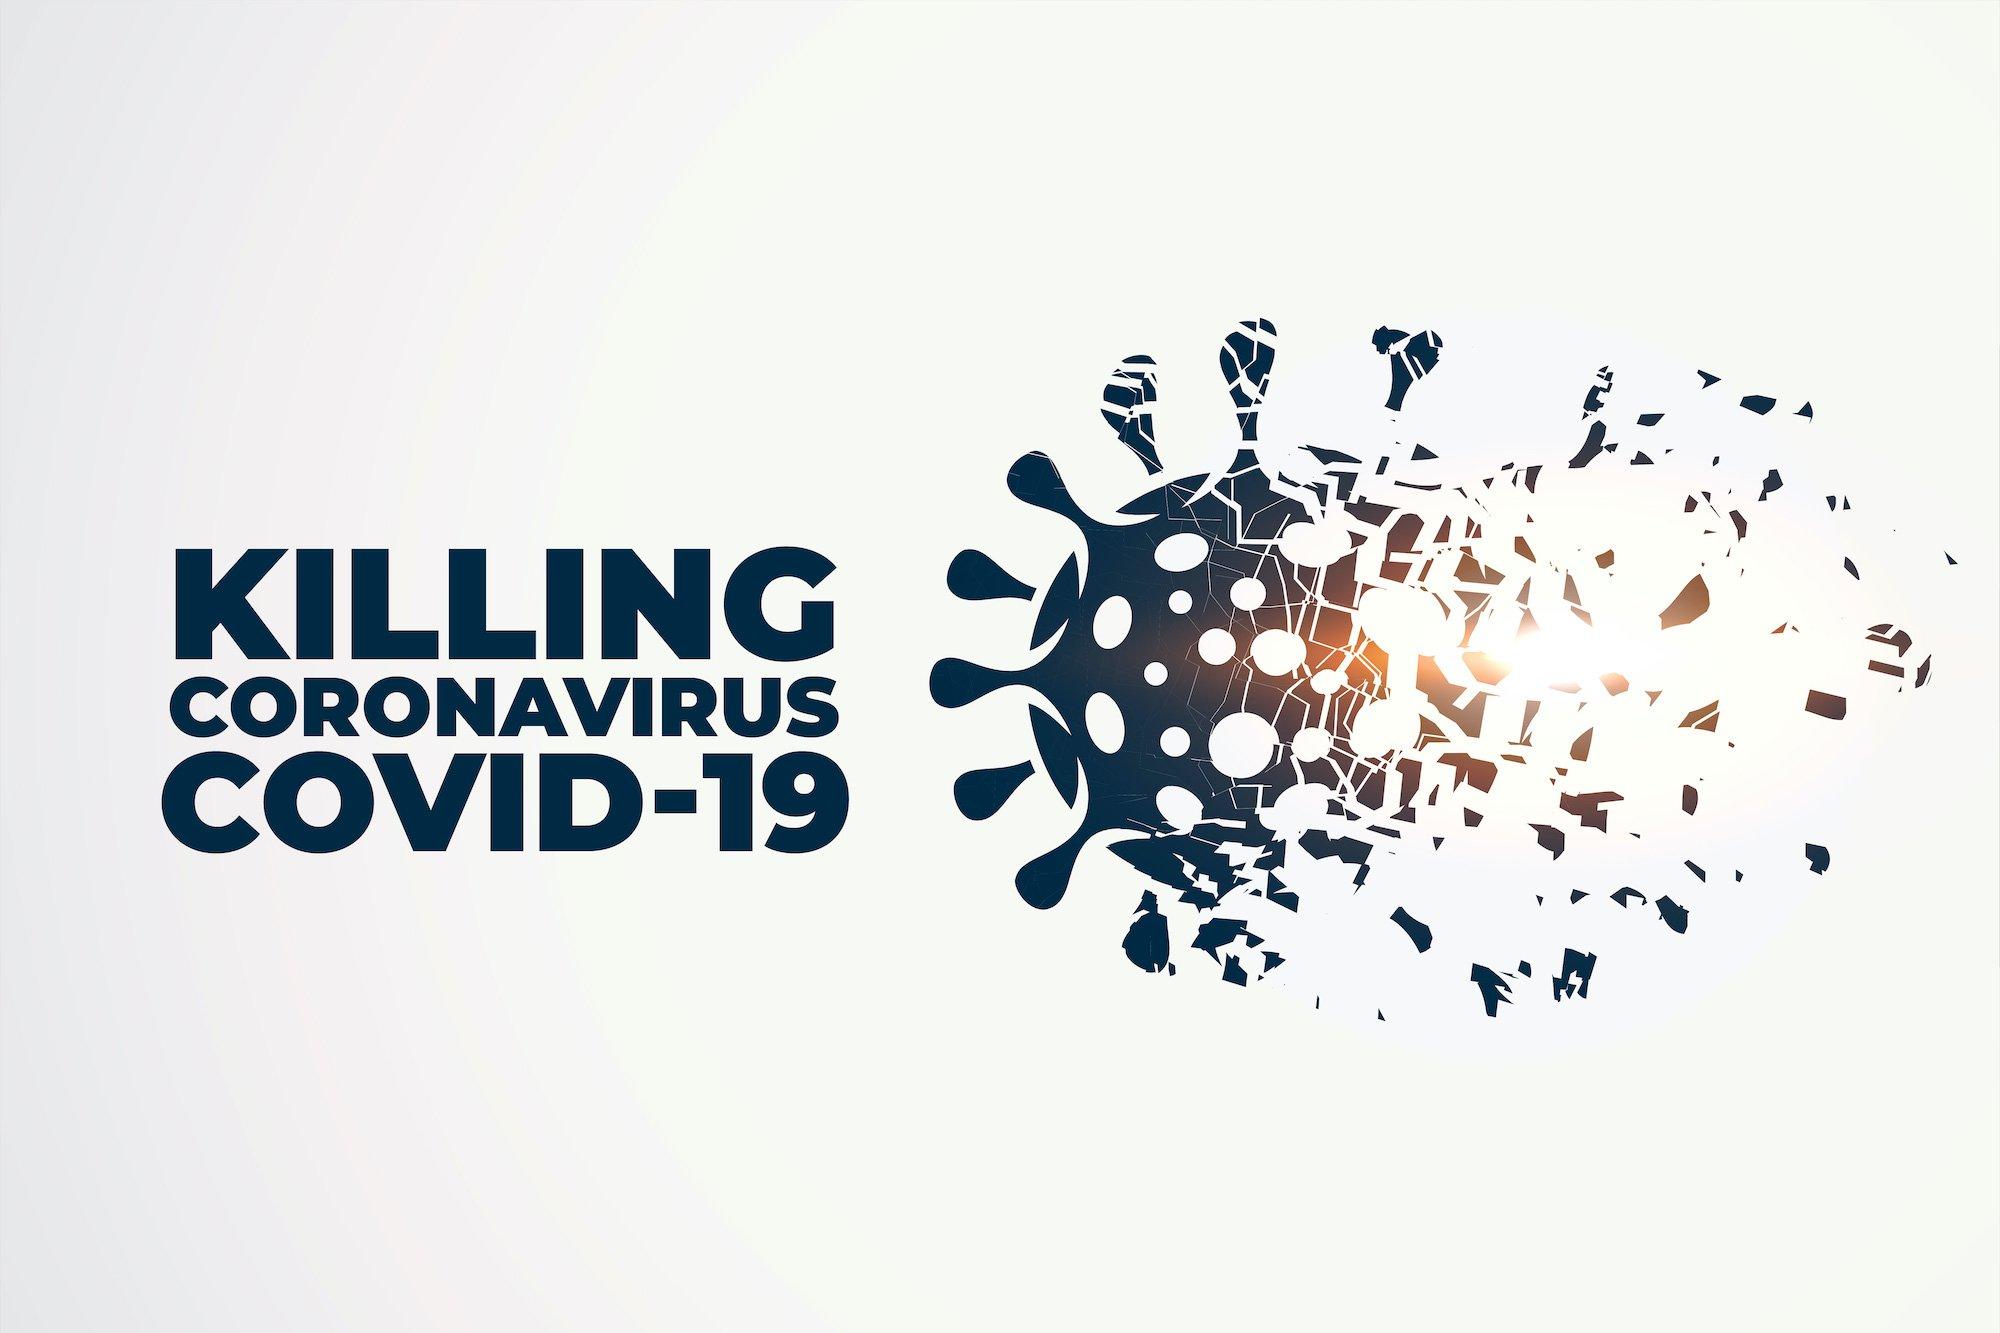 killing coronavirus covid-19